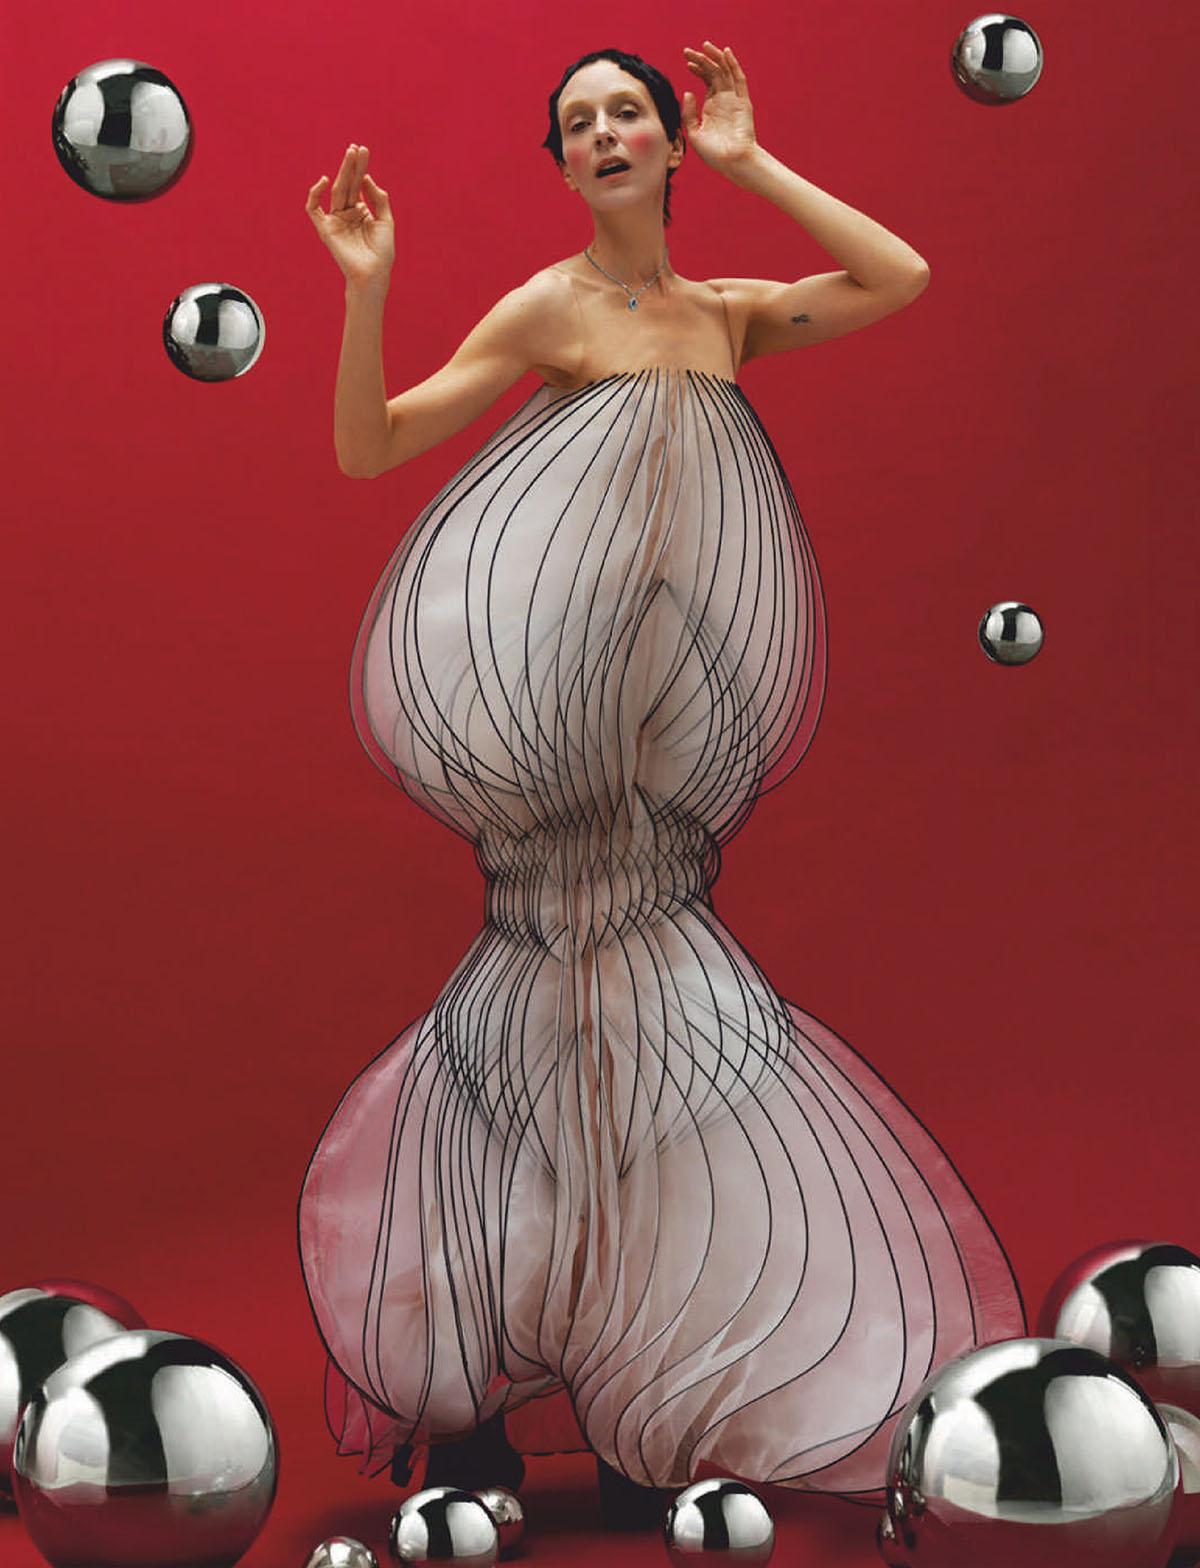 Hannelore Knuts covers L'Officiel Italia Issue 35 by Domen & Van de Velde